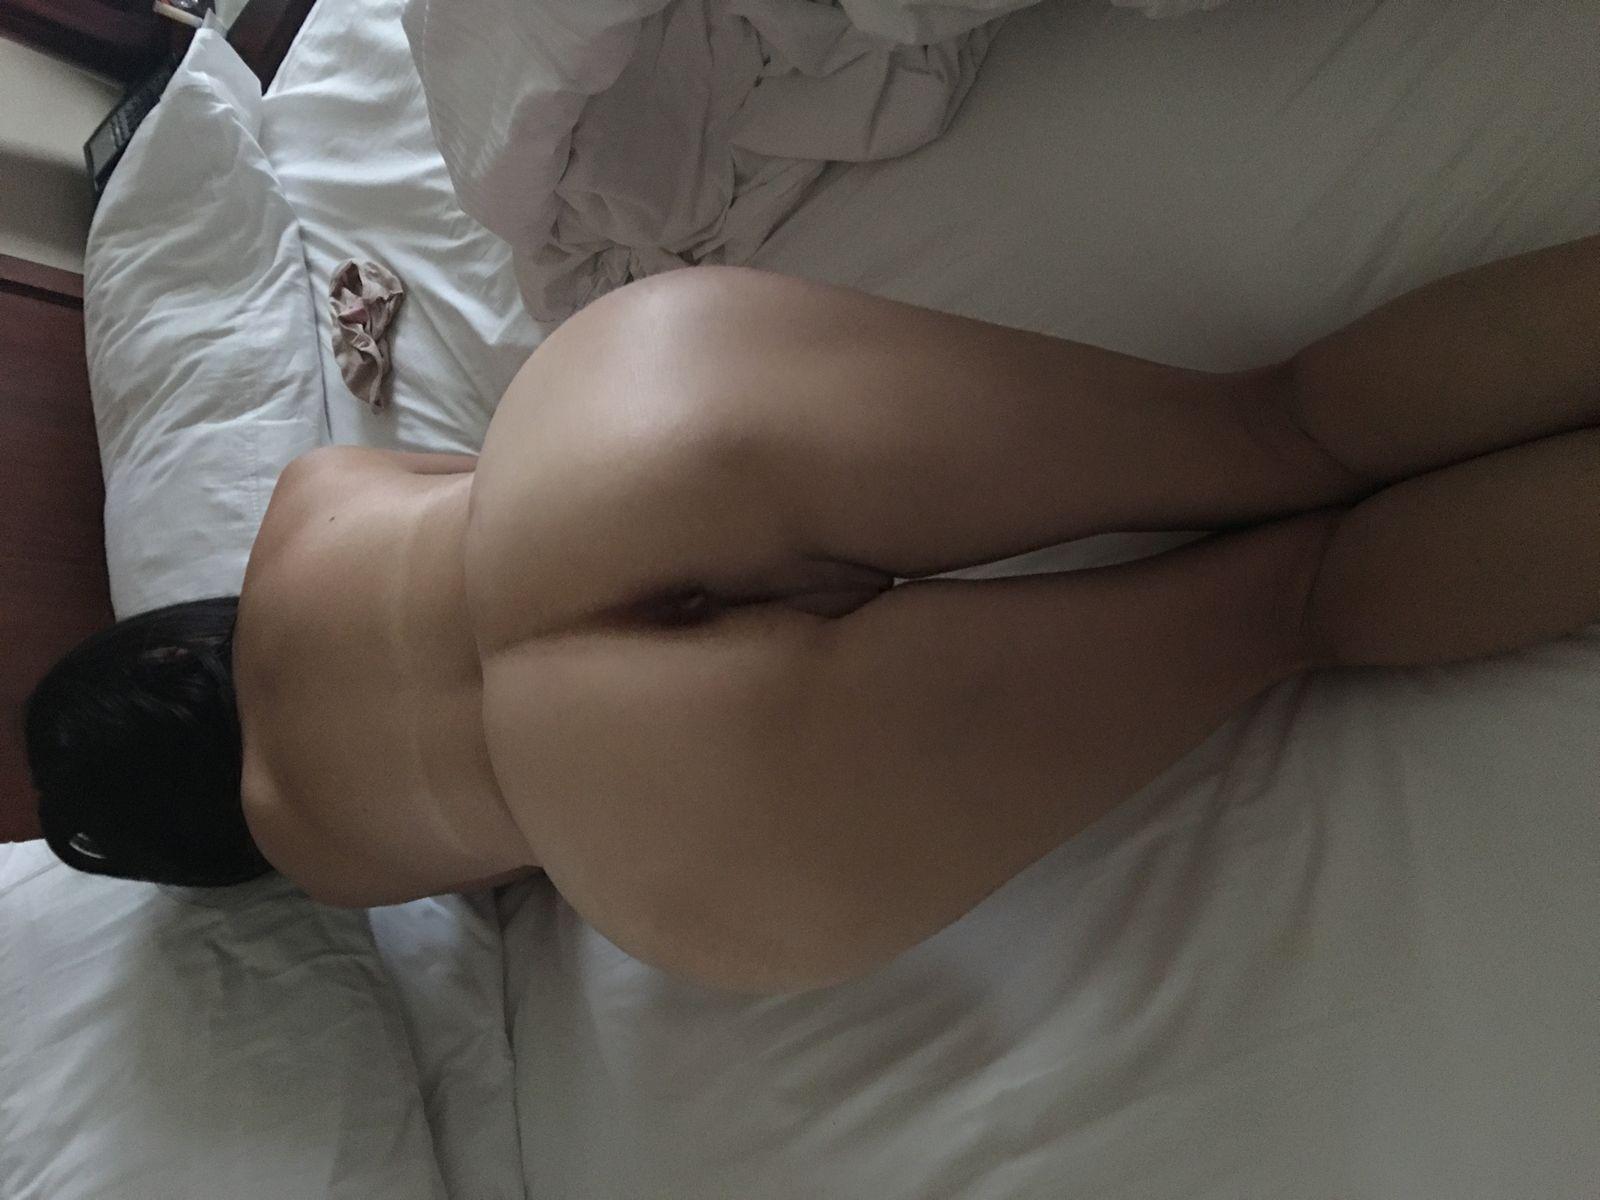 Милфа из Тайваня голая в постели